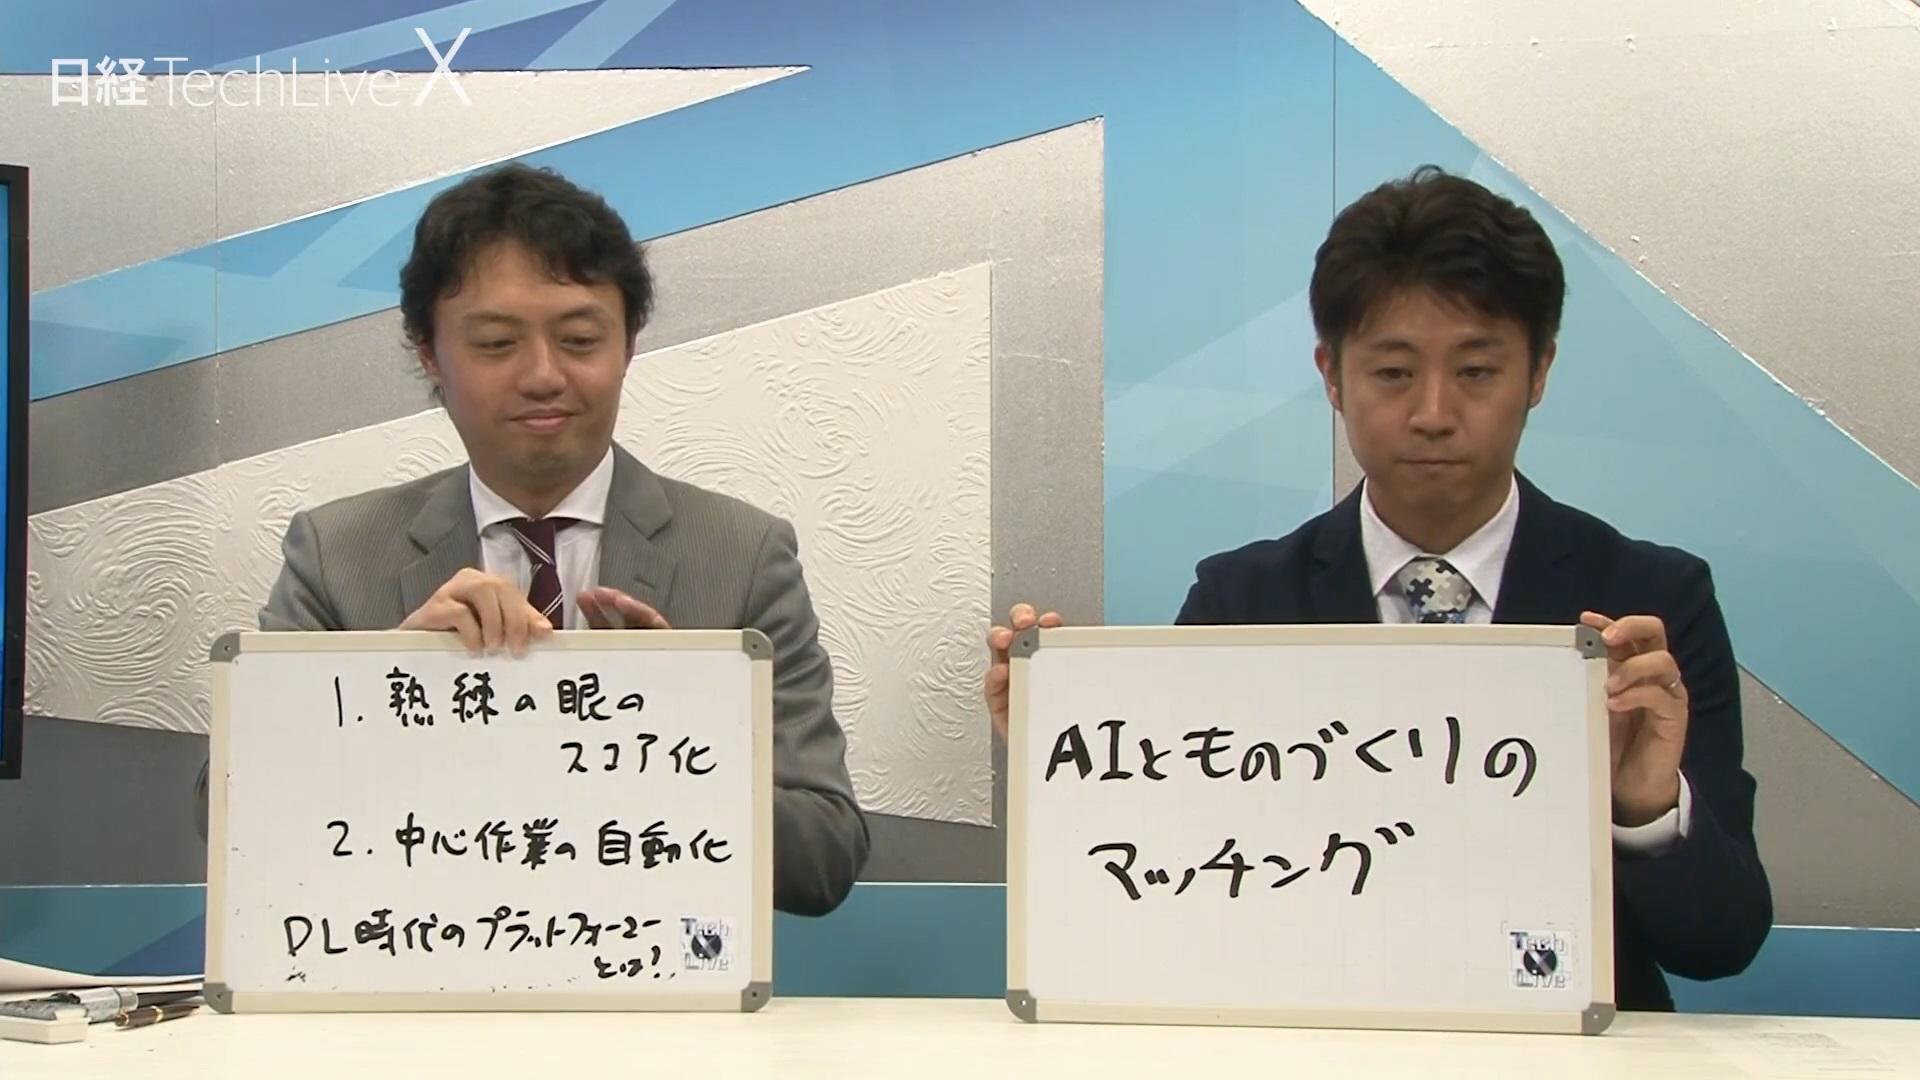 AIウォーズ ニッポン復活の未来戦略〜グーグル、FBに勝つ秘策〜(第4回):若者の能力を解き放て